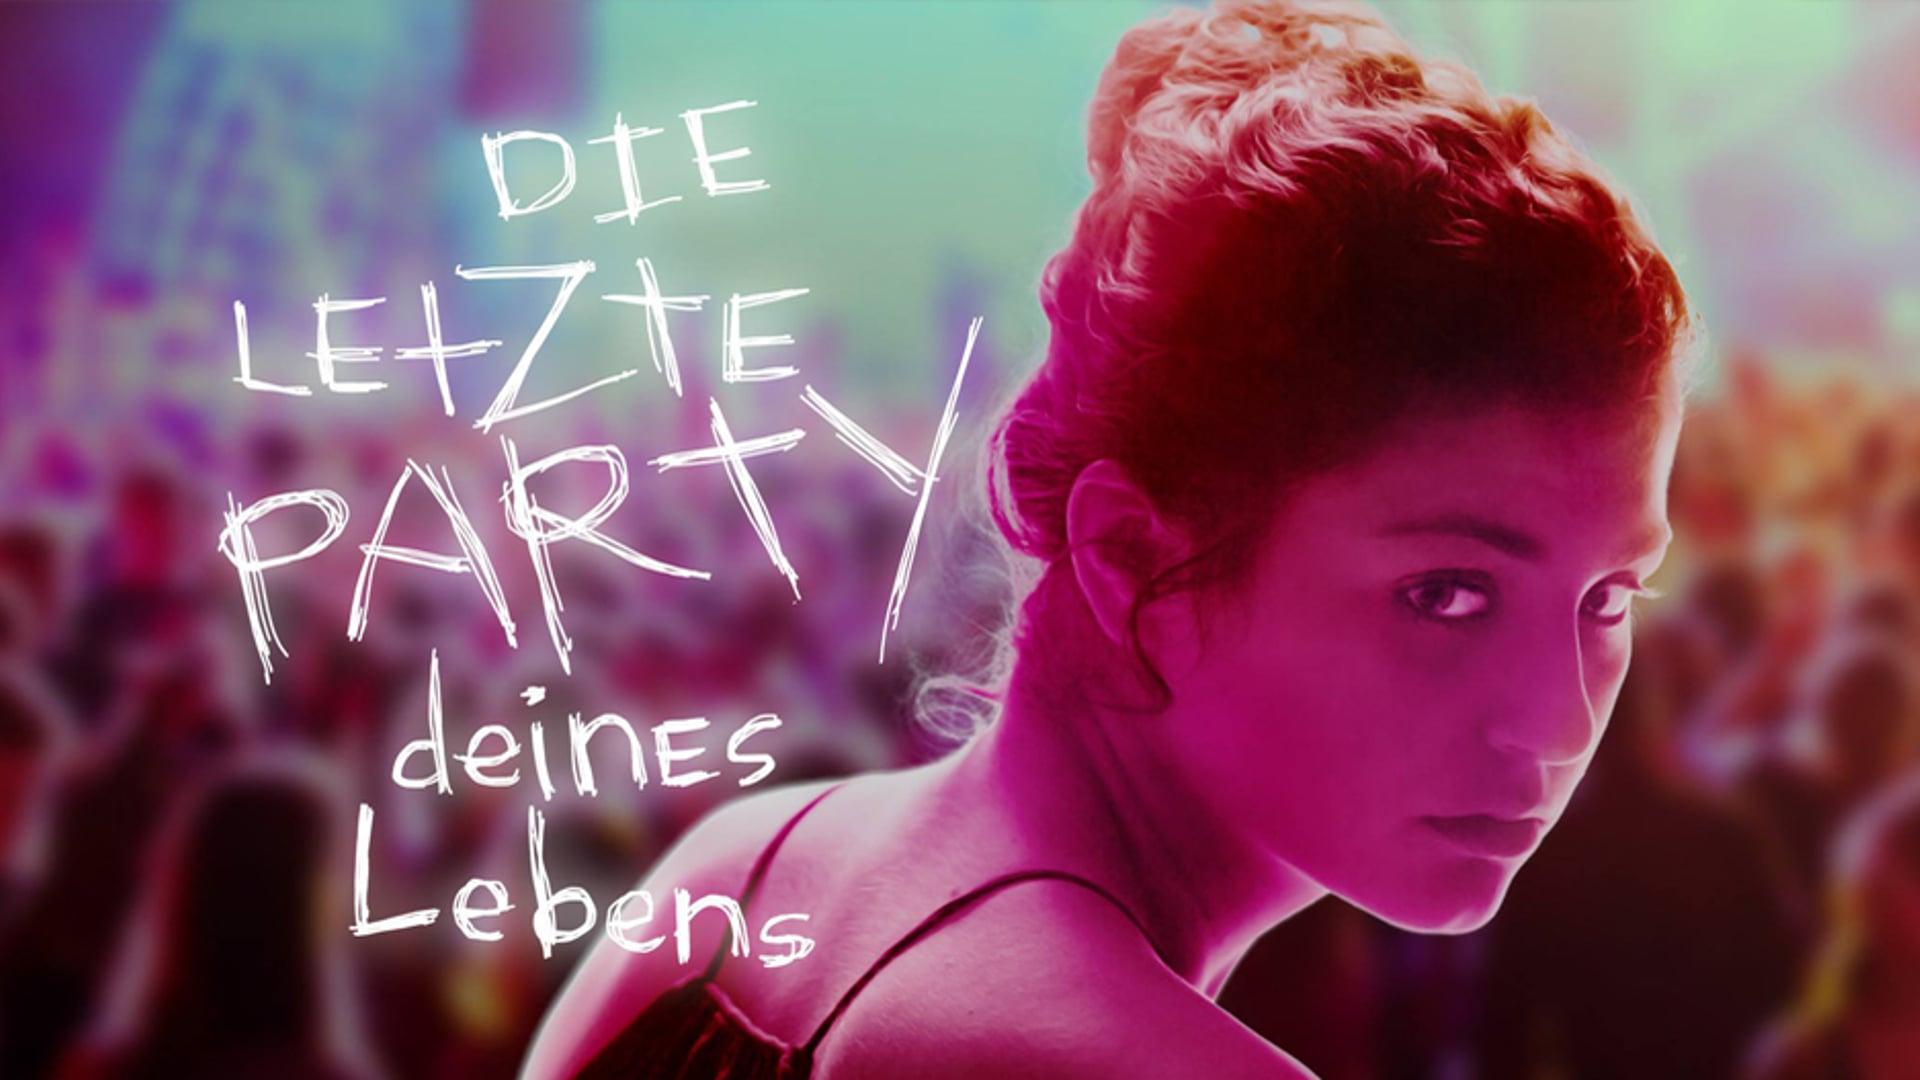 Trailer - Die letzte Party deines Lebens